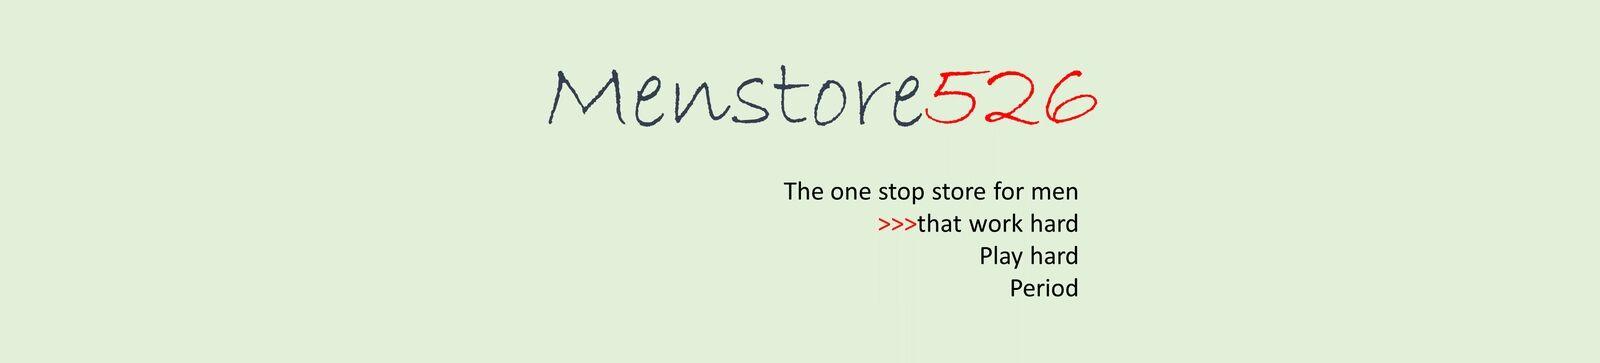 menstore526